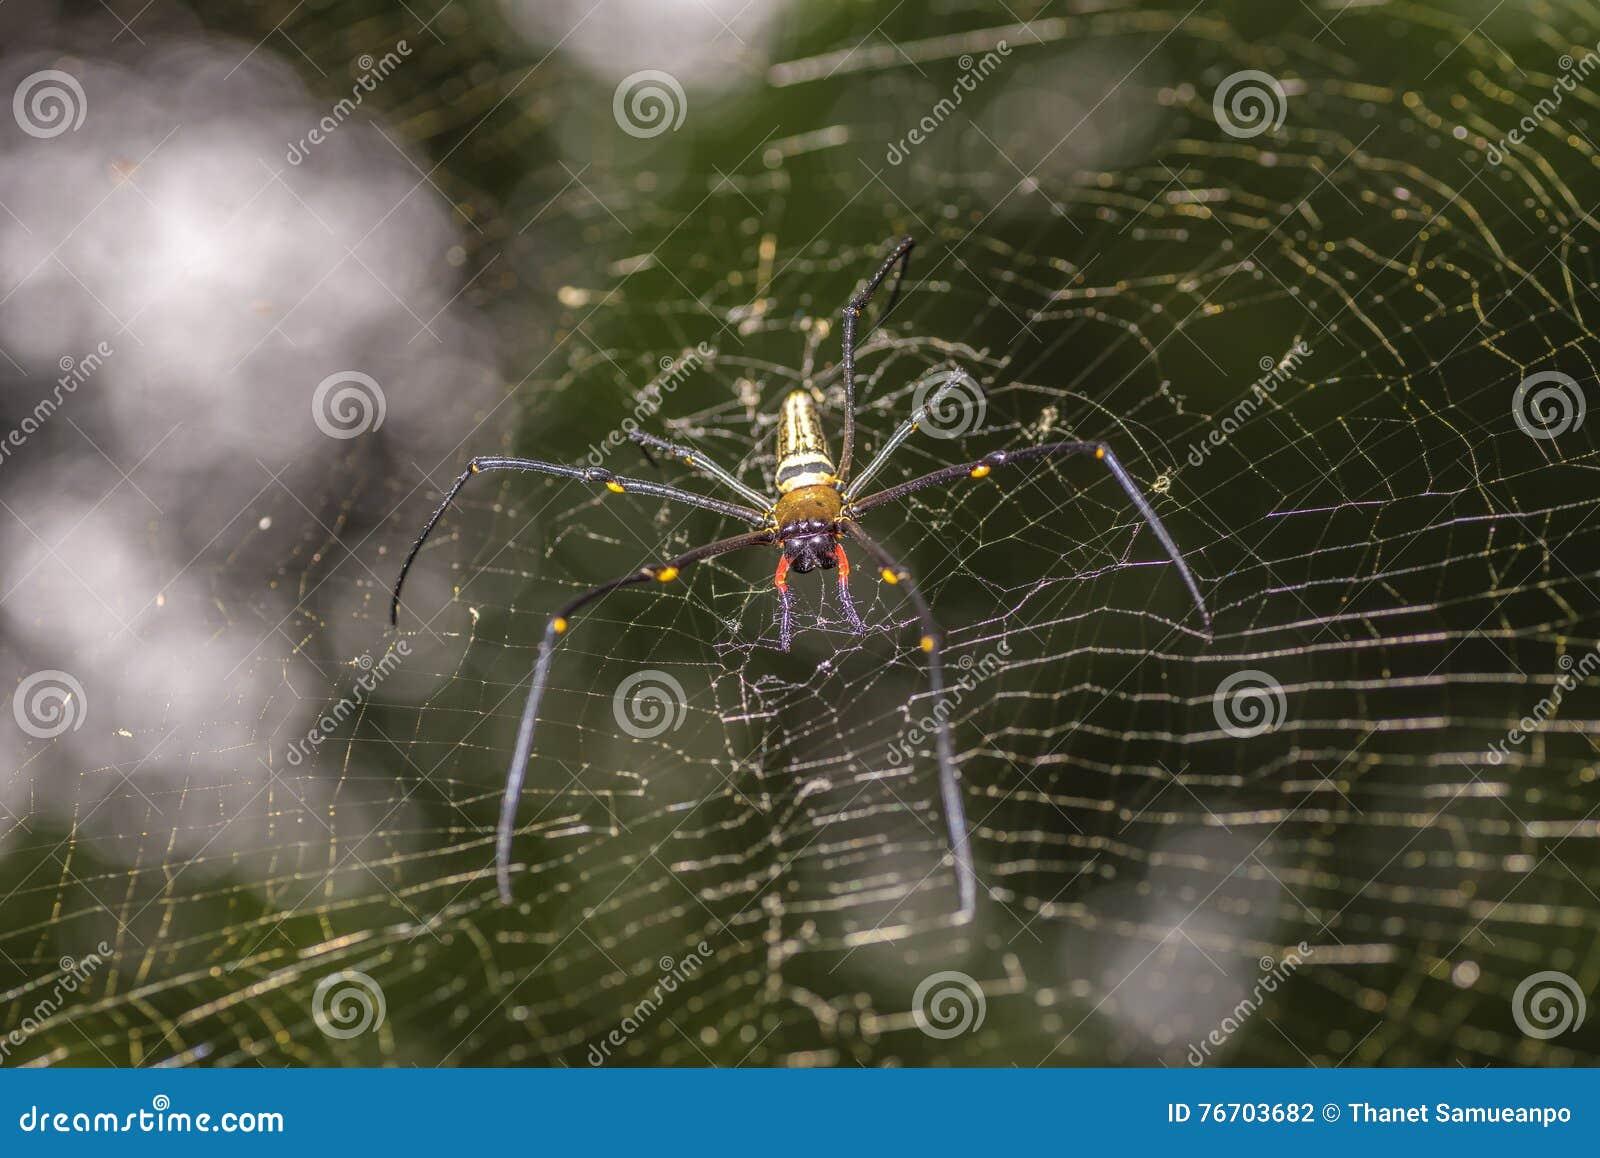 Guld- siden- orb-vävare spindel i den oskarpa naturliga bakgrunden